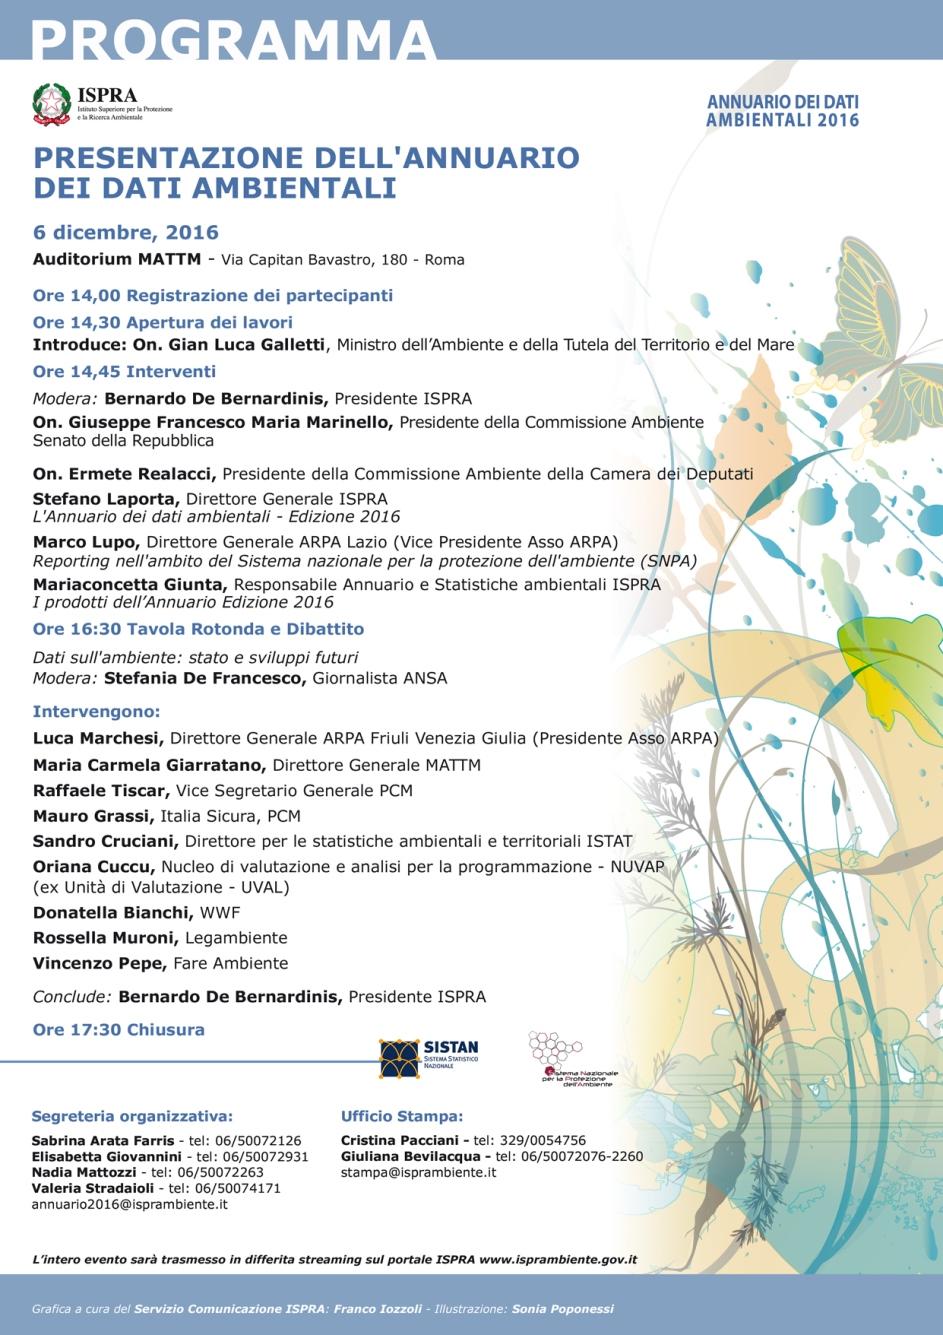 Ambiente    martedì 6 Dicembre a Roma la presentazione dell'Annuario ISPRA PROGRAMMA